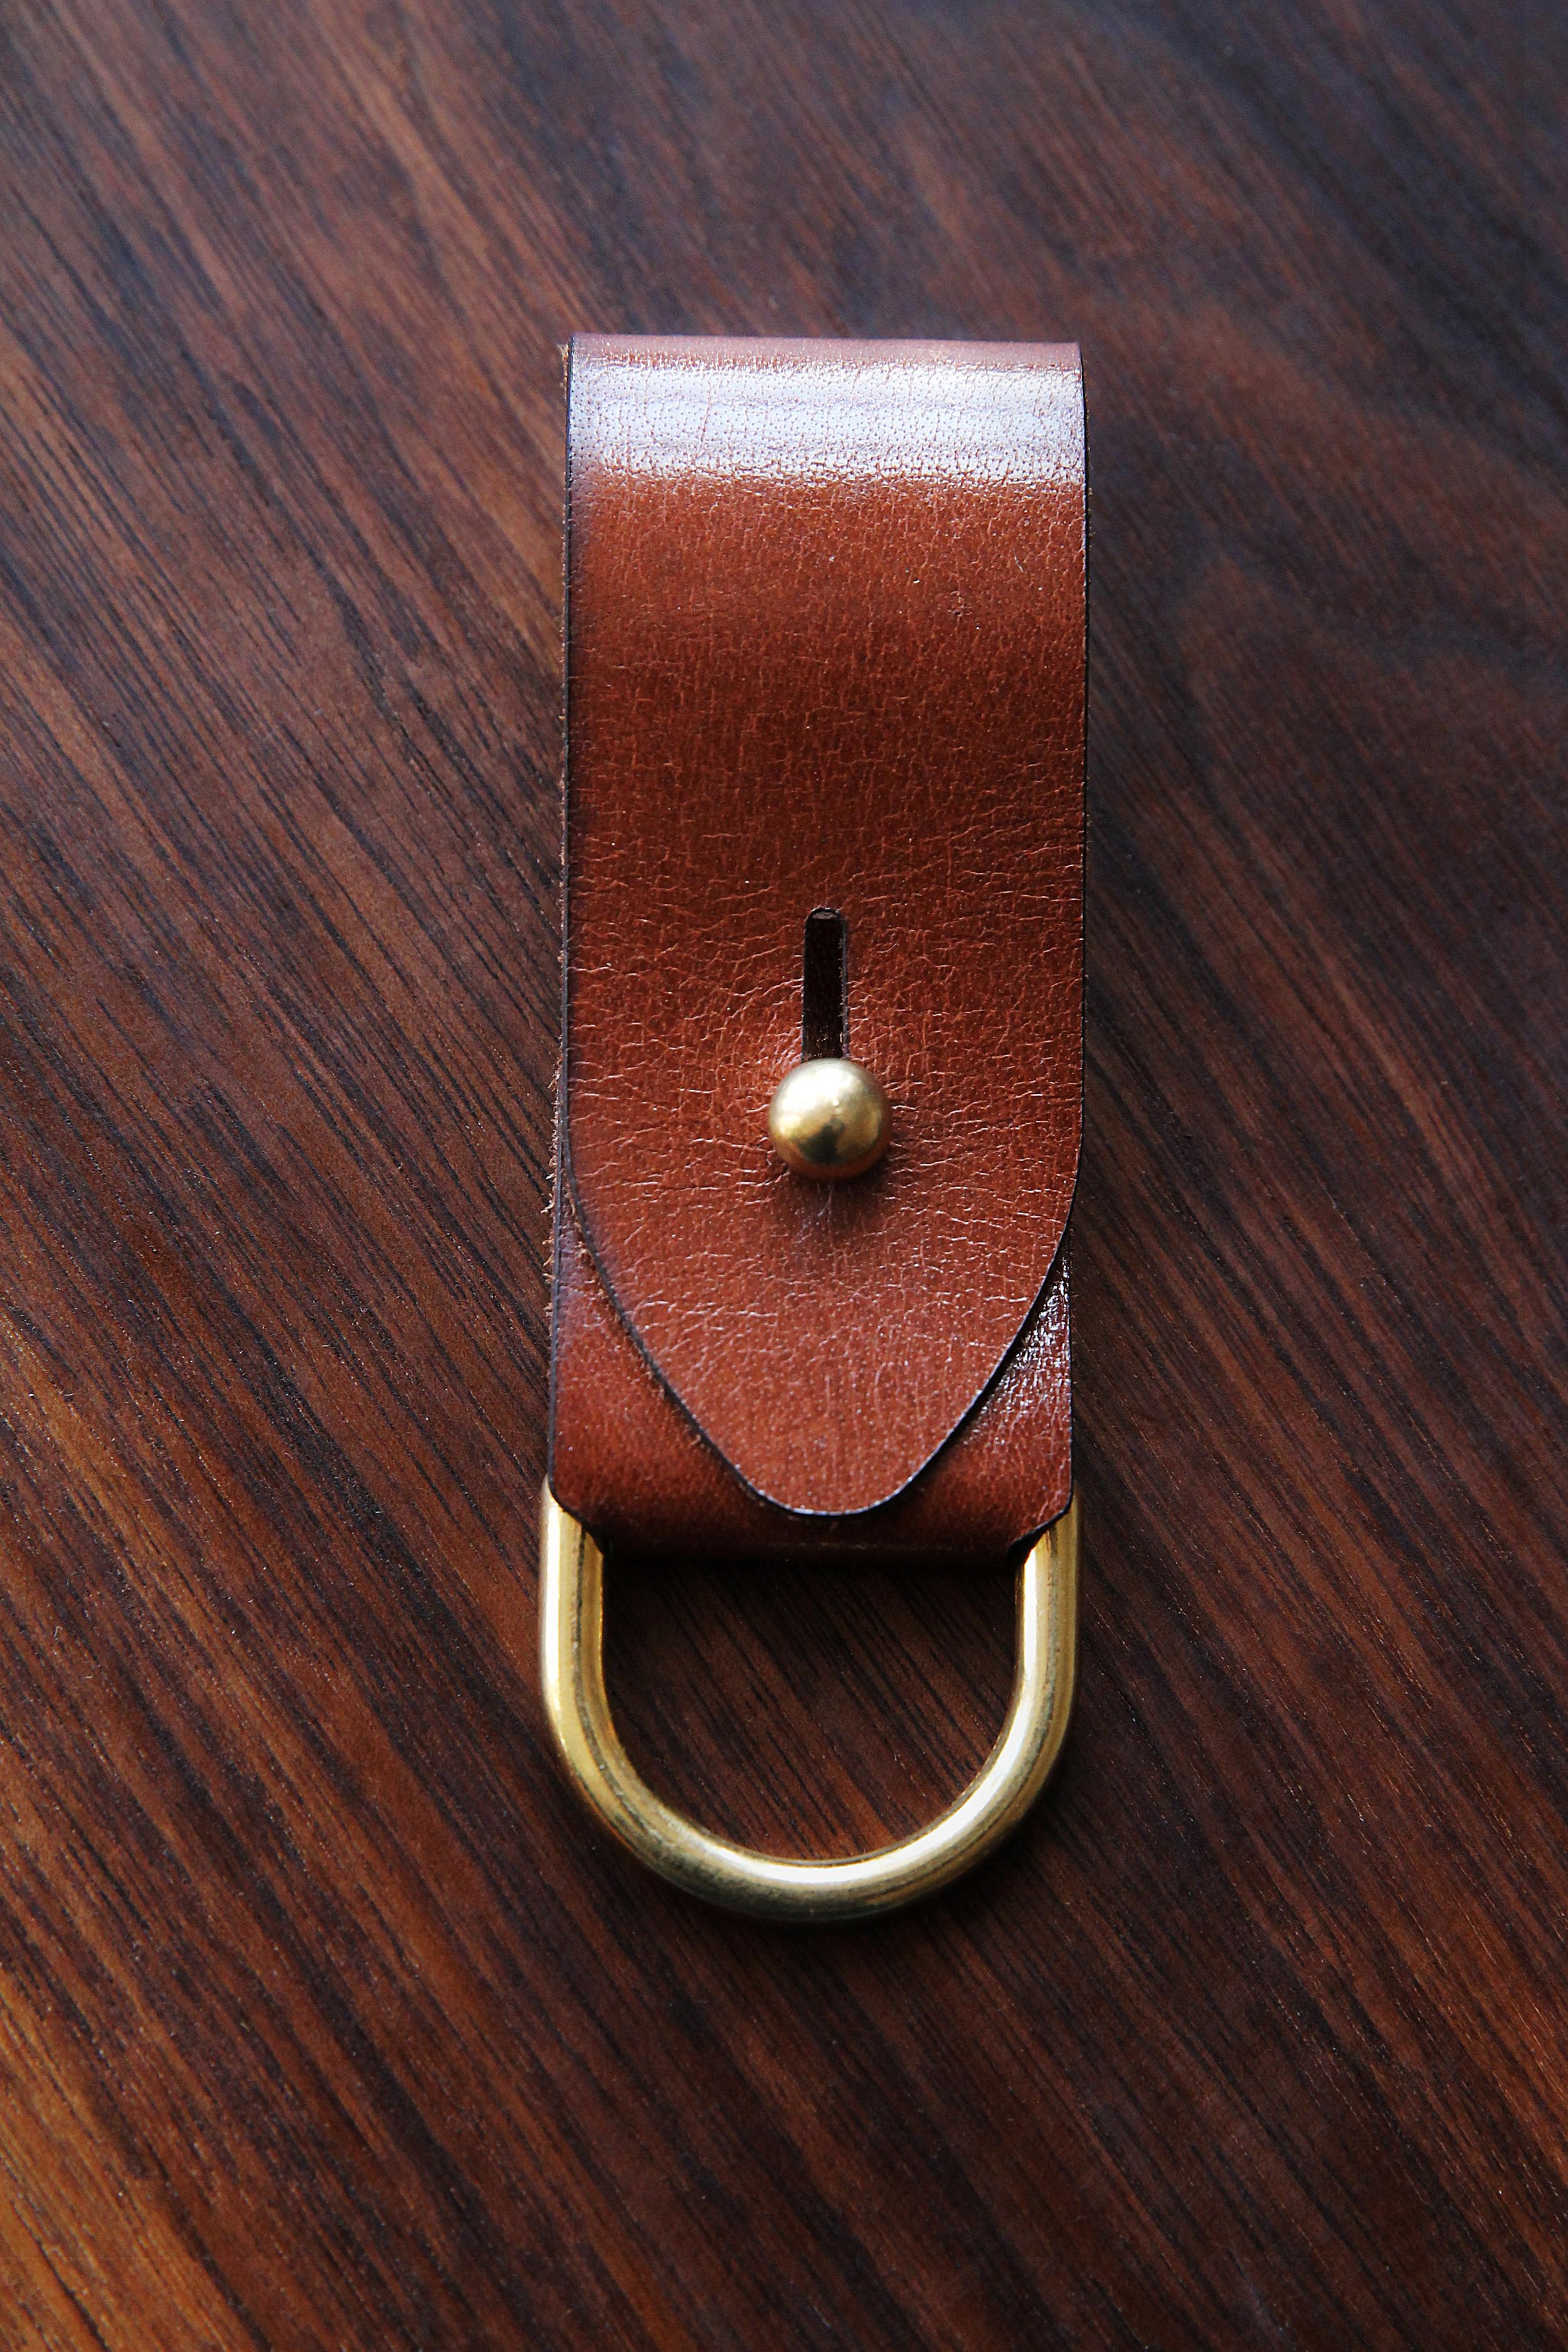 Key Fob - $25